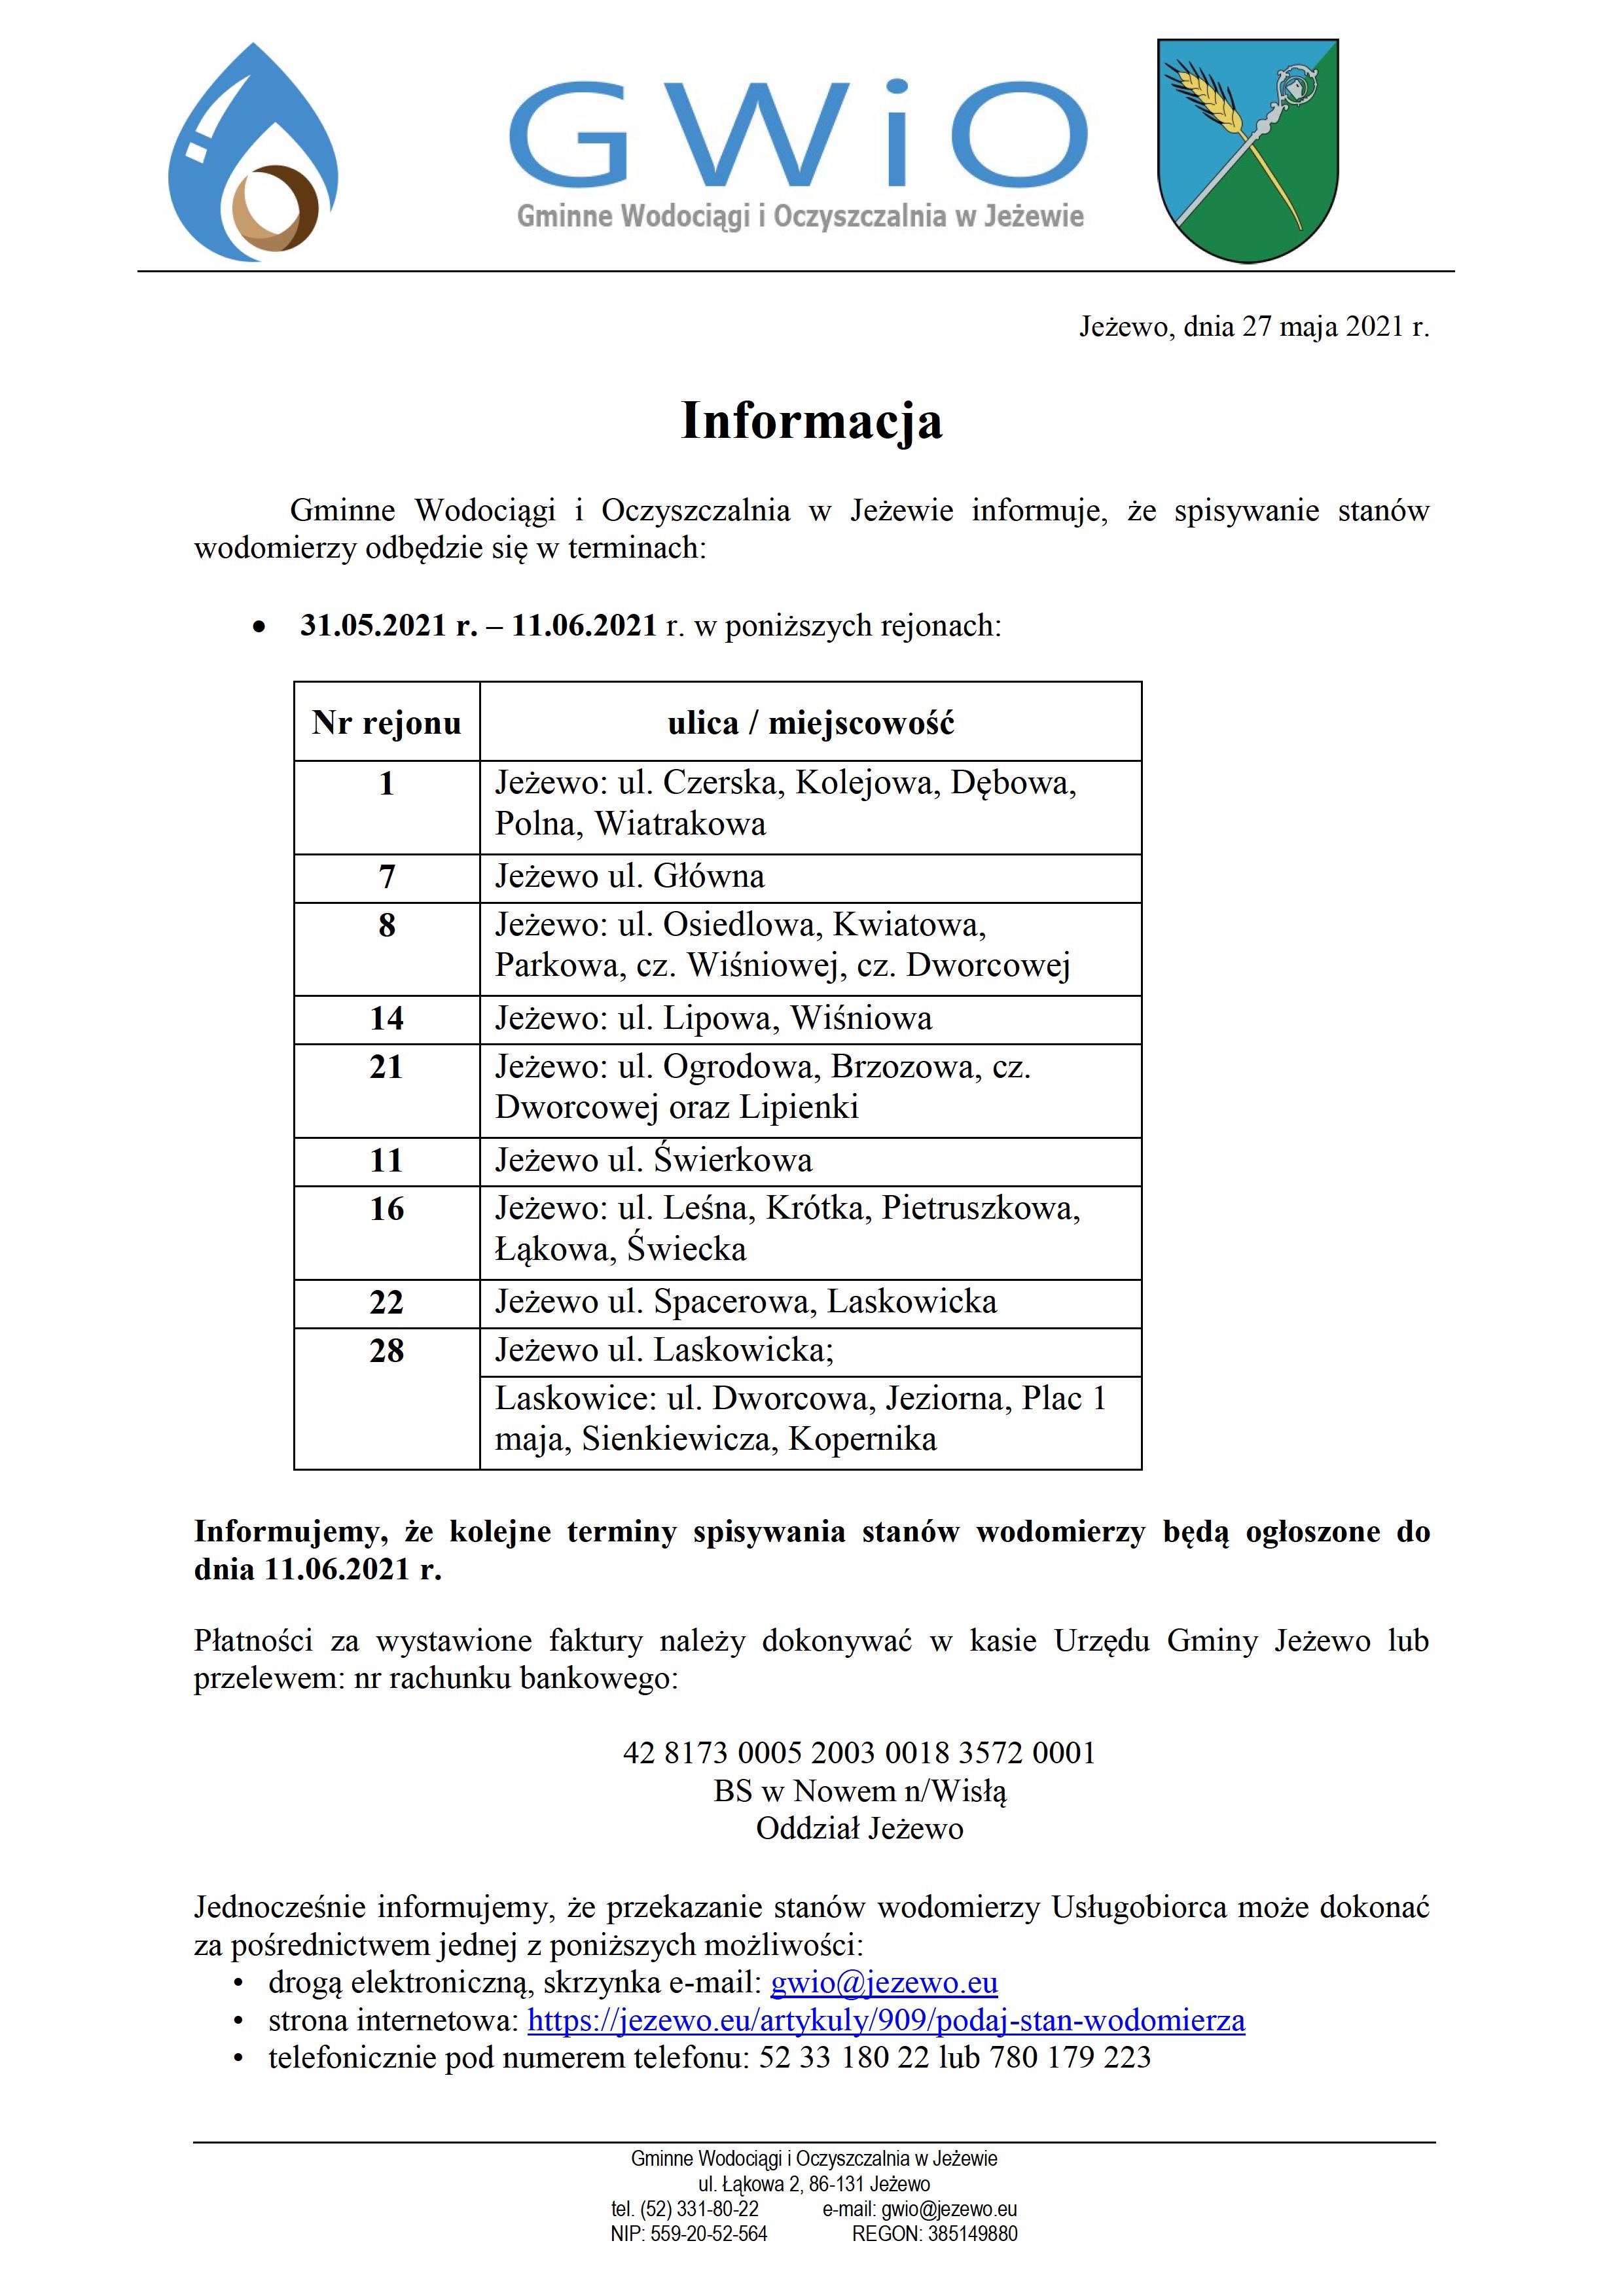 Terminy spisywania wodomierzy 27.05.2021